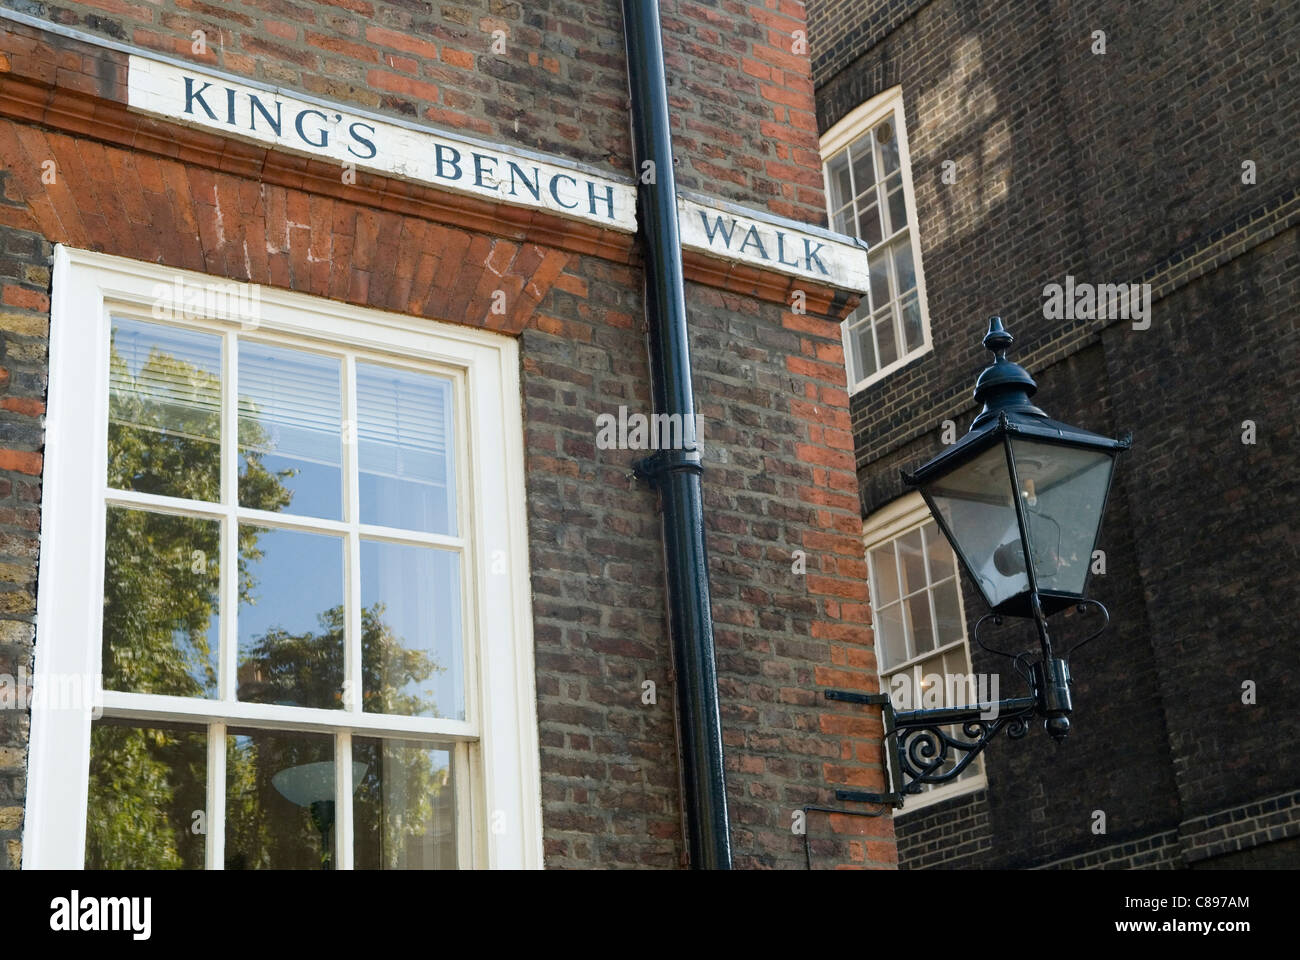 Kings Bench Walk. Inner Temple, Inns of Court, London UK . HOMER SYKES - Stock Image